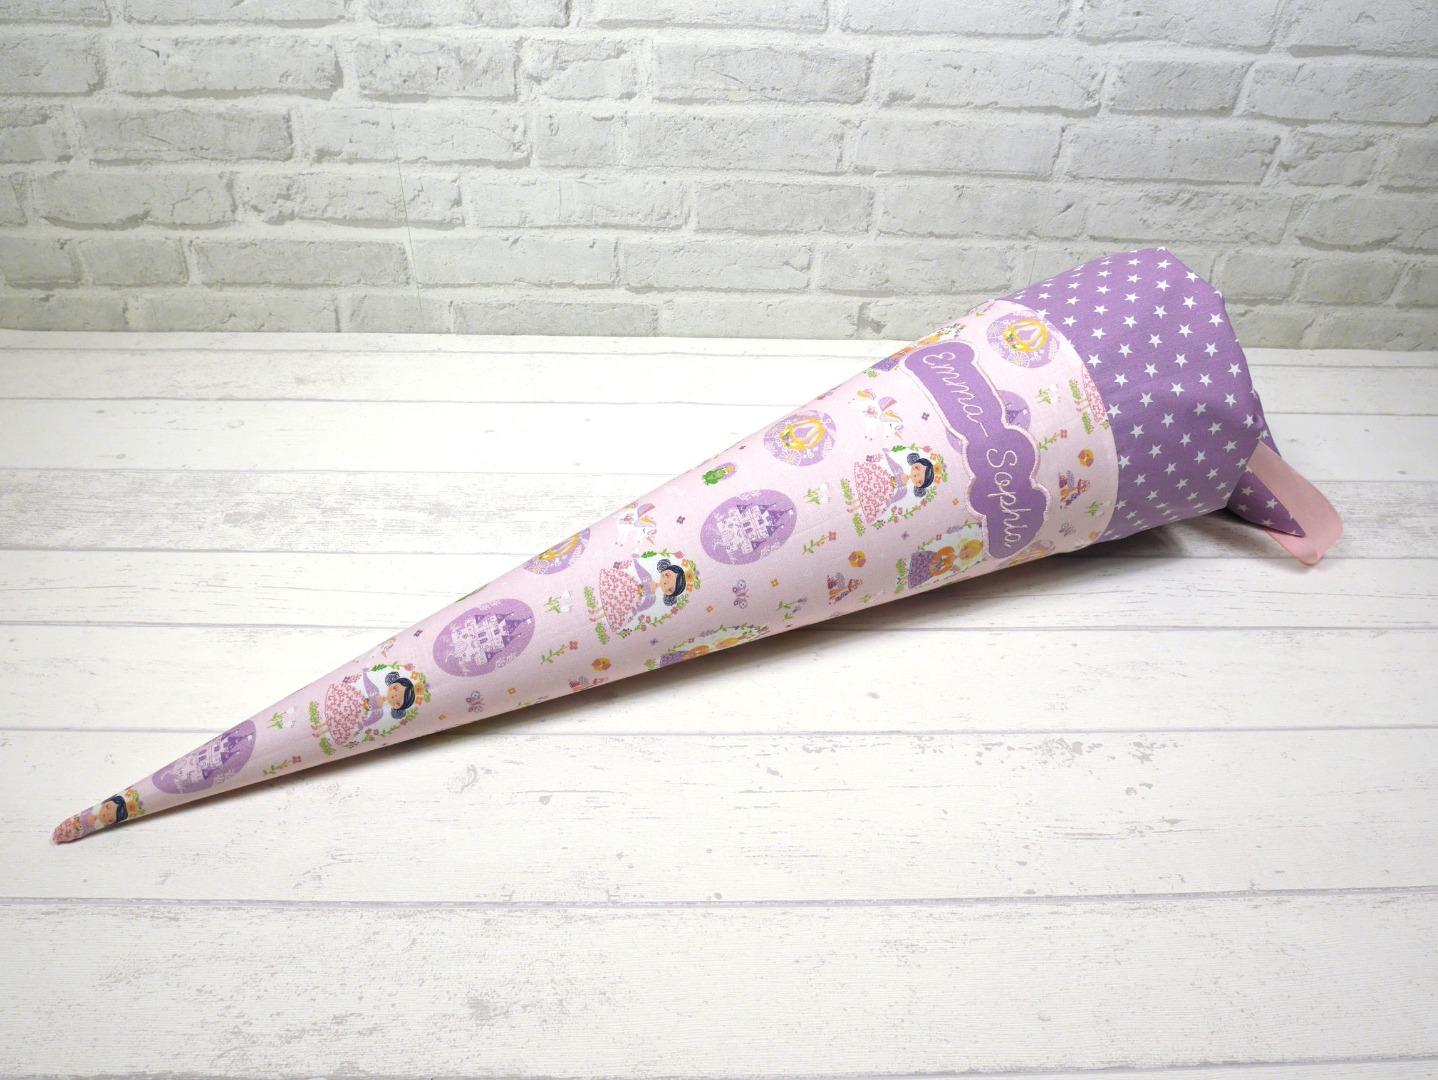 Schultüte Prinzessin aus Stoff Zuckertüte 70cm